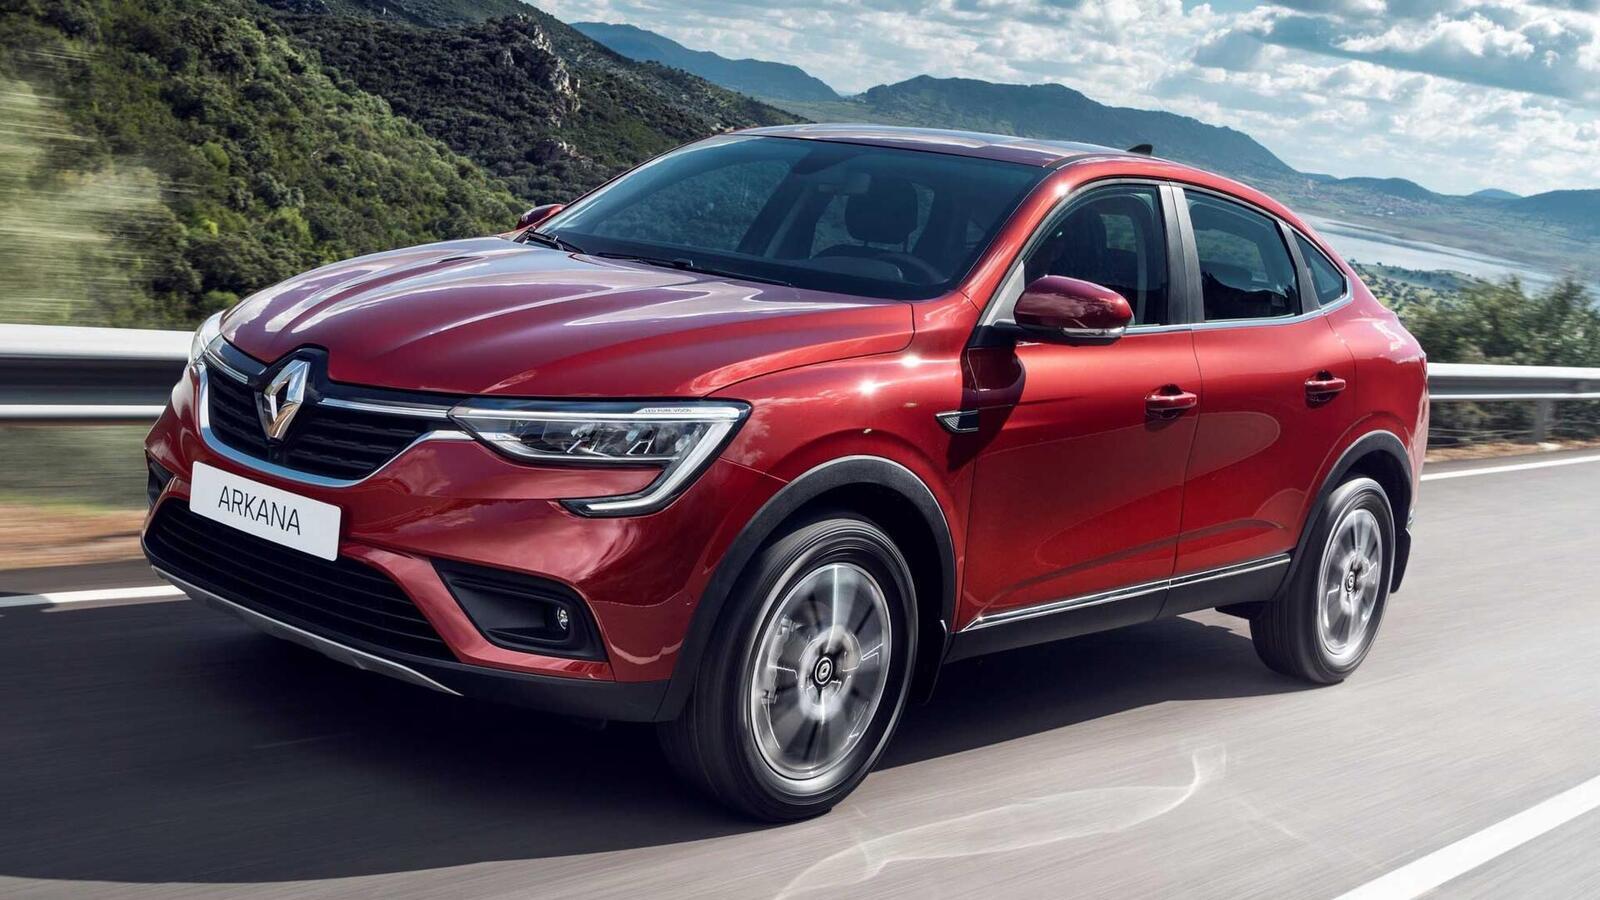 Renault giới thiệu Arkana mới: SUV Coupe mang thiết kế tương tự BMW X6 - Hình 1